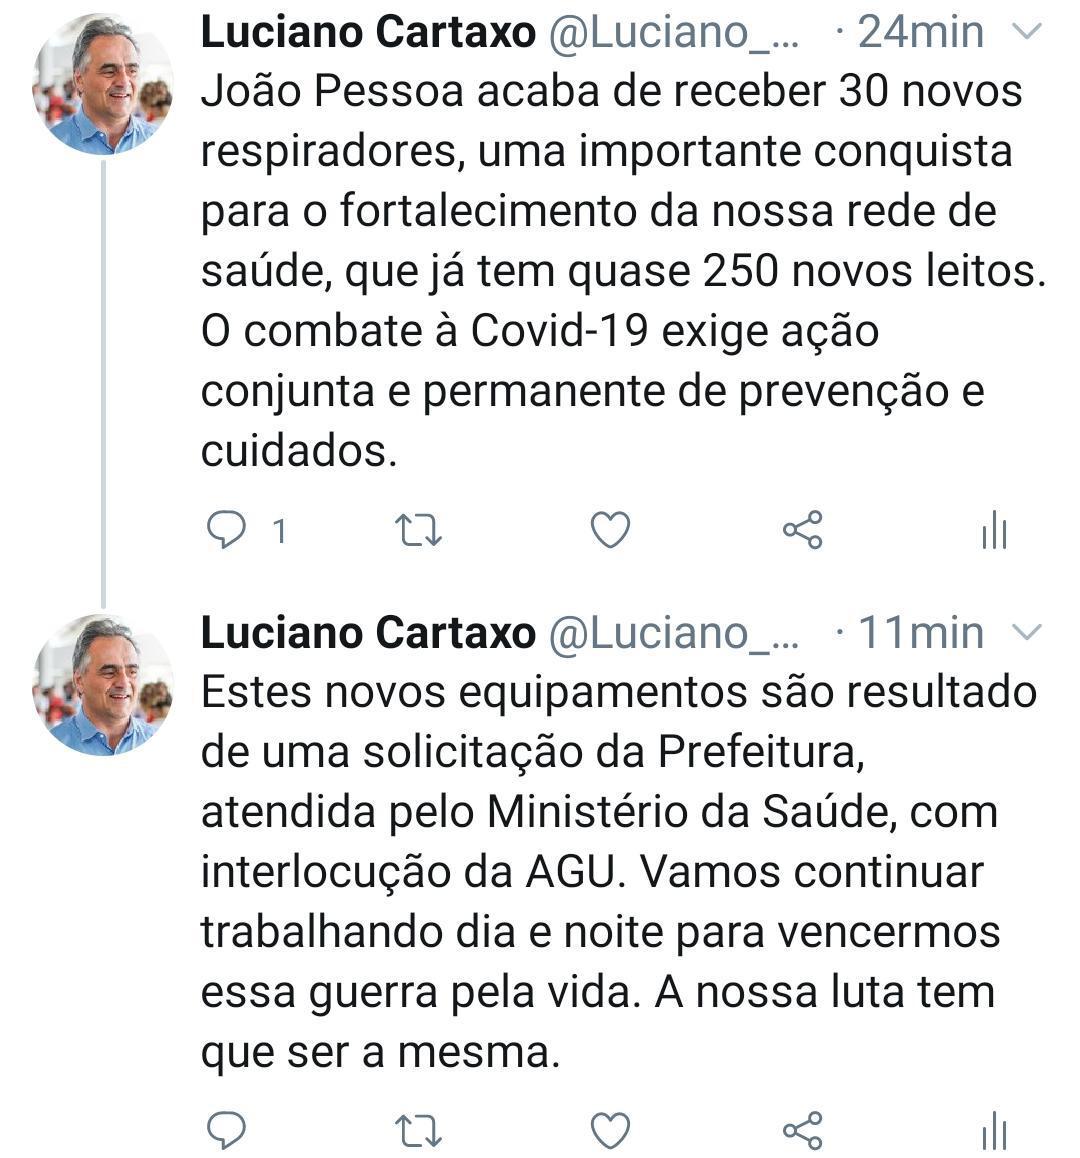 IMG 20200602 WA0020 - NAS REDES SOCIAIS: Luciano Cartaxo anuncia chegada de 30 novos respiradores e 3º maior isolamento social em João Pessoa entre as capitais do País